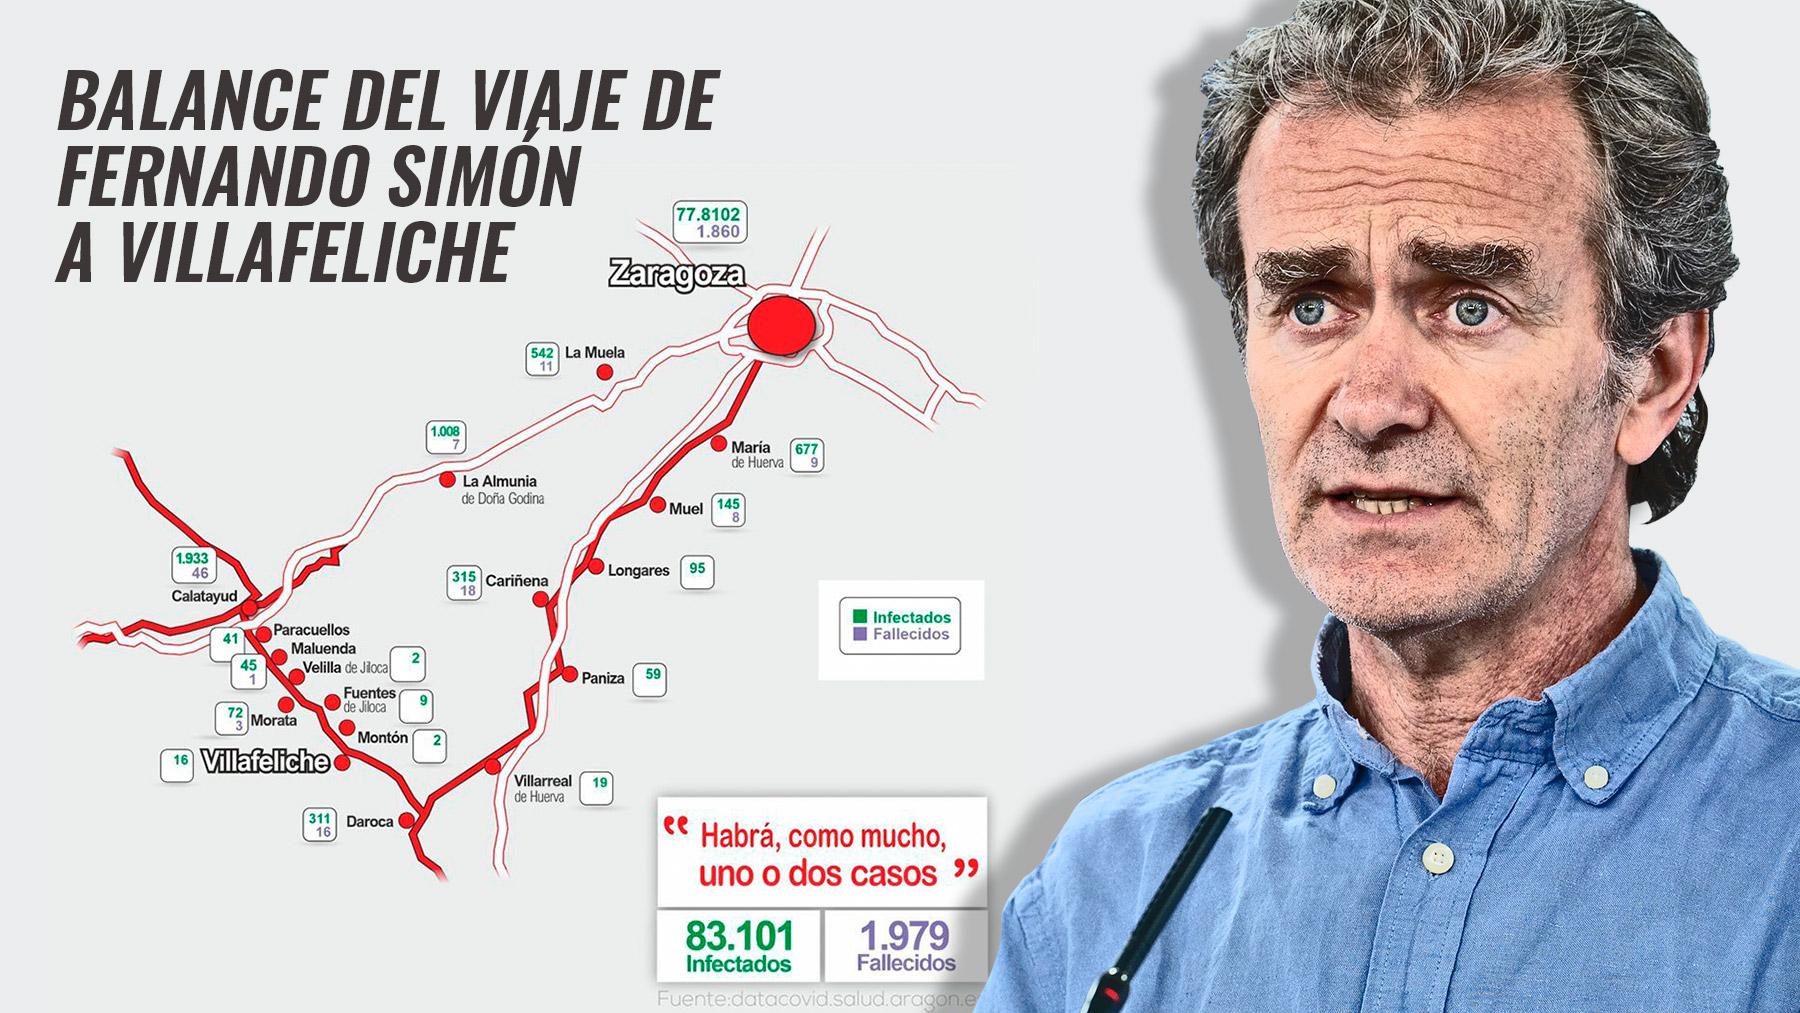 Recorrido de Fernando Simón en Zaragoza.